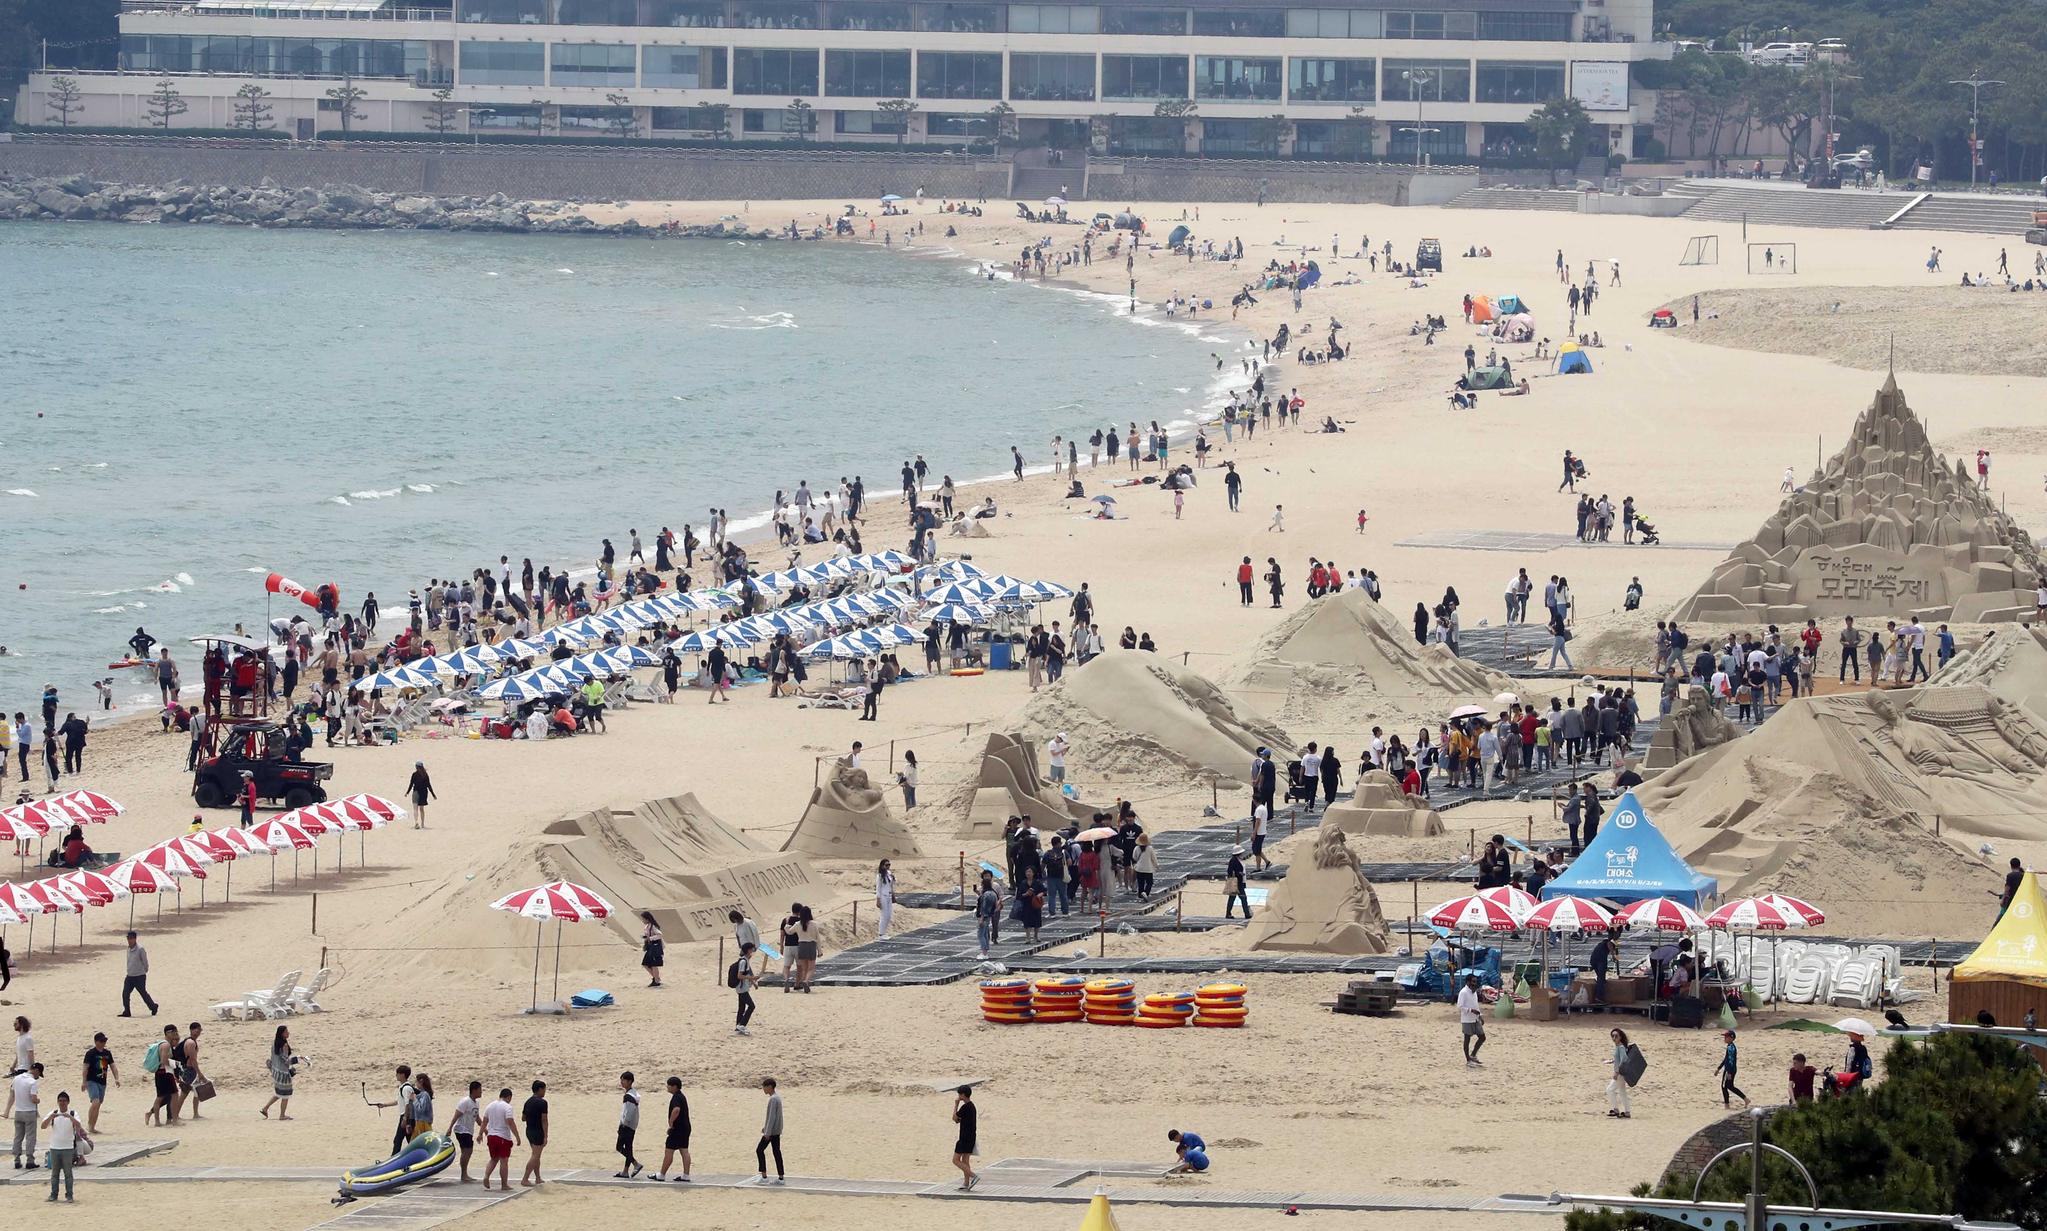 1일 부산 해운대해수욕장을 찾은 피서객들이 해변에서 더위를 식히고 있다. 오른쪽은 해운대 모래축제 풍경. 부산지역 3개 해수욕장은 8월 31일까지 운영된다. [연합뉴스]